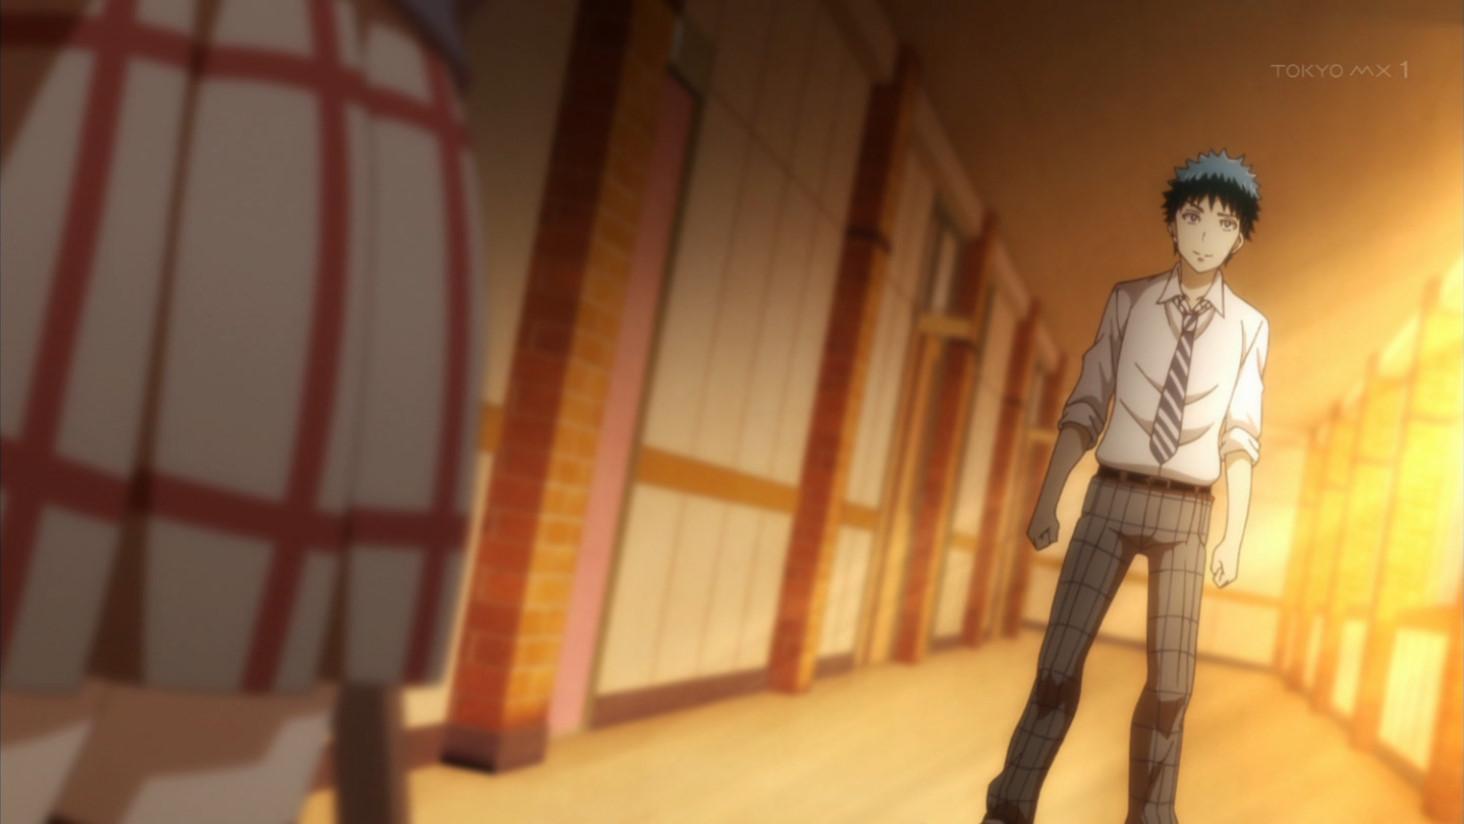 提案 #yamajo #yamajo_anime #やまじょ #tokyomx http://t.co/JSJ1xgZCc9